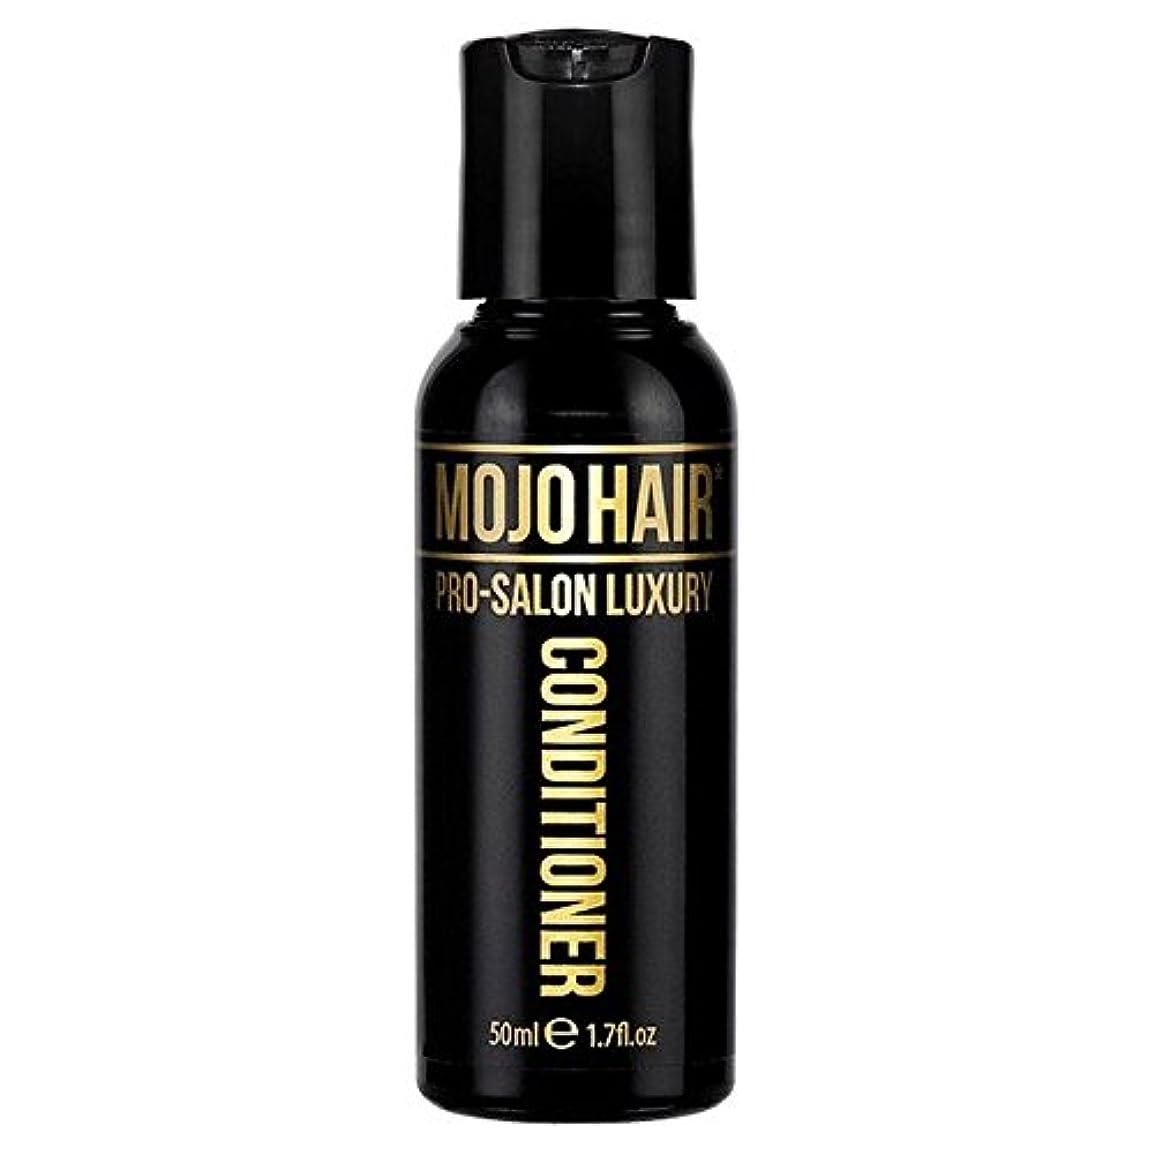 発行する支店接ぎ木男性のためのモジョの毛プロのサロンの贅沢な香りコンディショナー、トラベルサイズの50ミリリットル x4 - MOJO HAIR Pro-Salon Luxury Fragrance Conditioner for Men...